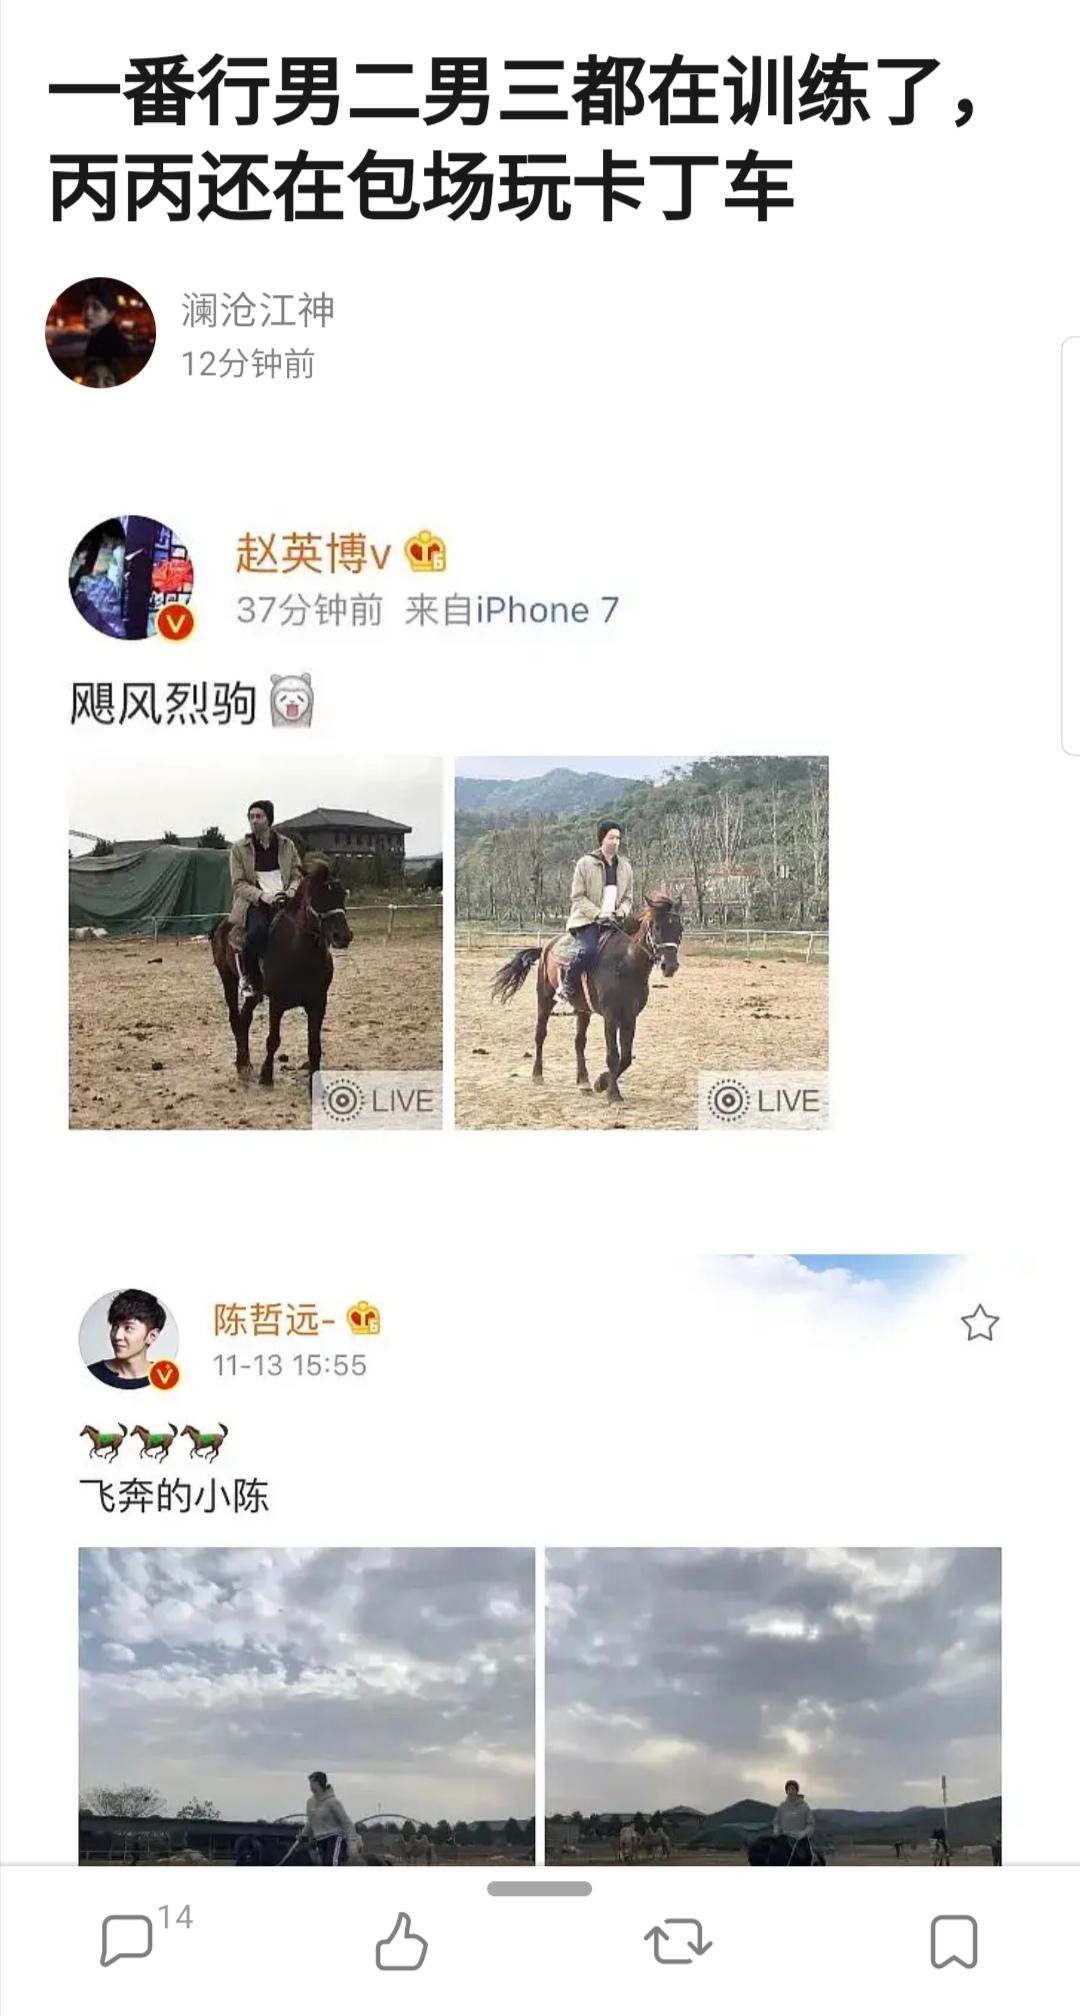 青簪行的男二男三都在加紧训练,吴亦凡还在包场玩卡丁车